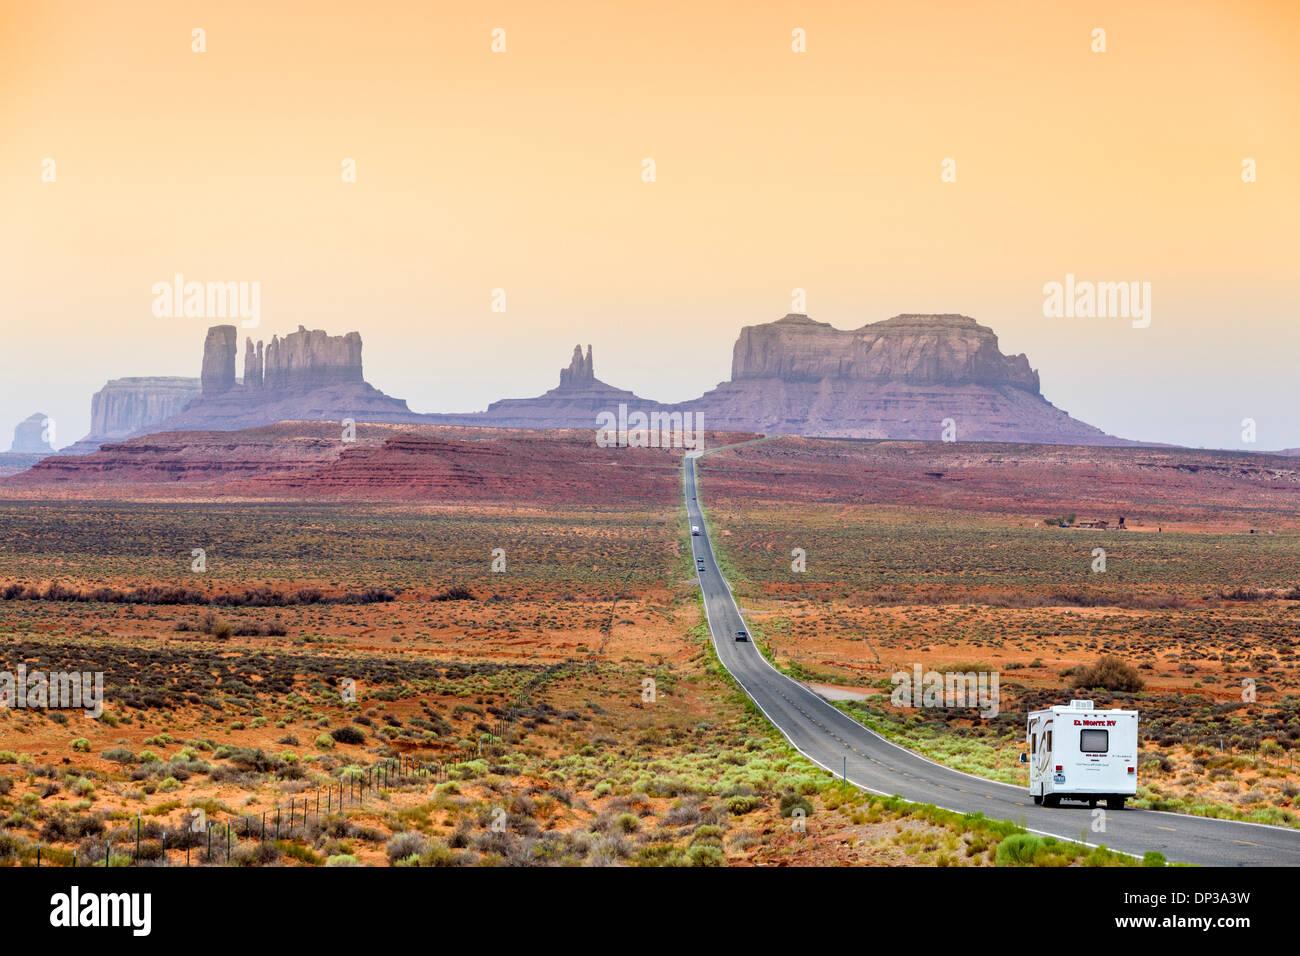 USA-Reise. Camper van (Wohnmobil) auf uns 163 Blick nach Süden in Richtung Monument Valley, Utah, Vereinigte Staaten von Amerika Stockbild